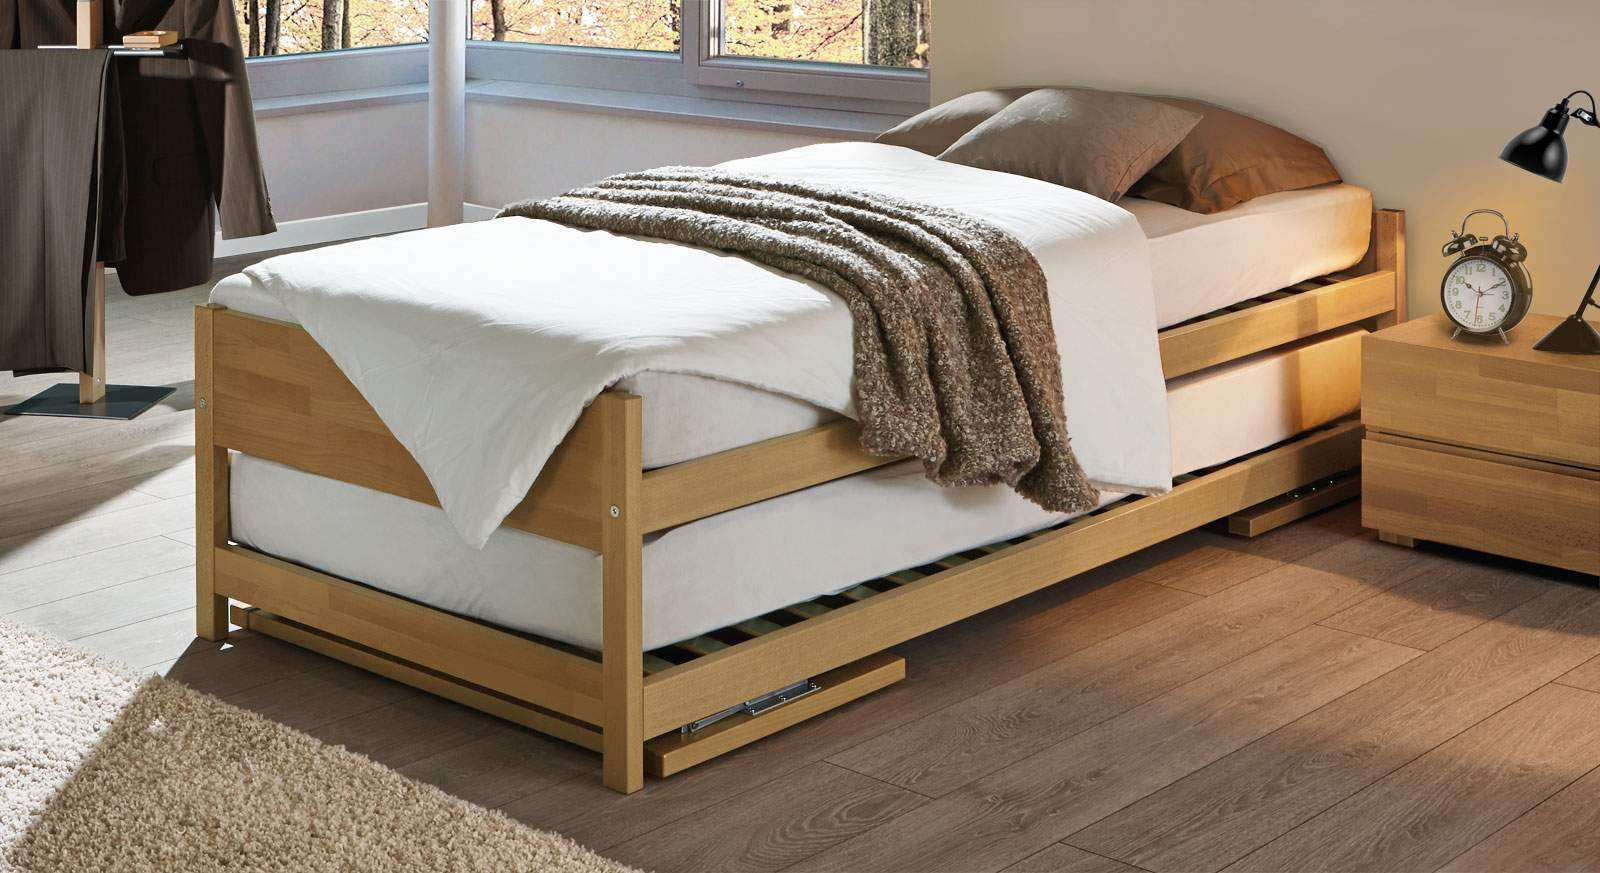 Full Size of Bett Mit Unterbett 37 R1 Ausziehbarem Gstebett Fhrung Bettkasten 140x200 Günstig Betten Kaufen Mitarbeitergespräche Führen 200x200 Weiß Bette Floor Bett Bett Mit Unterbett